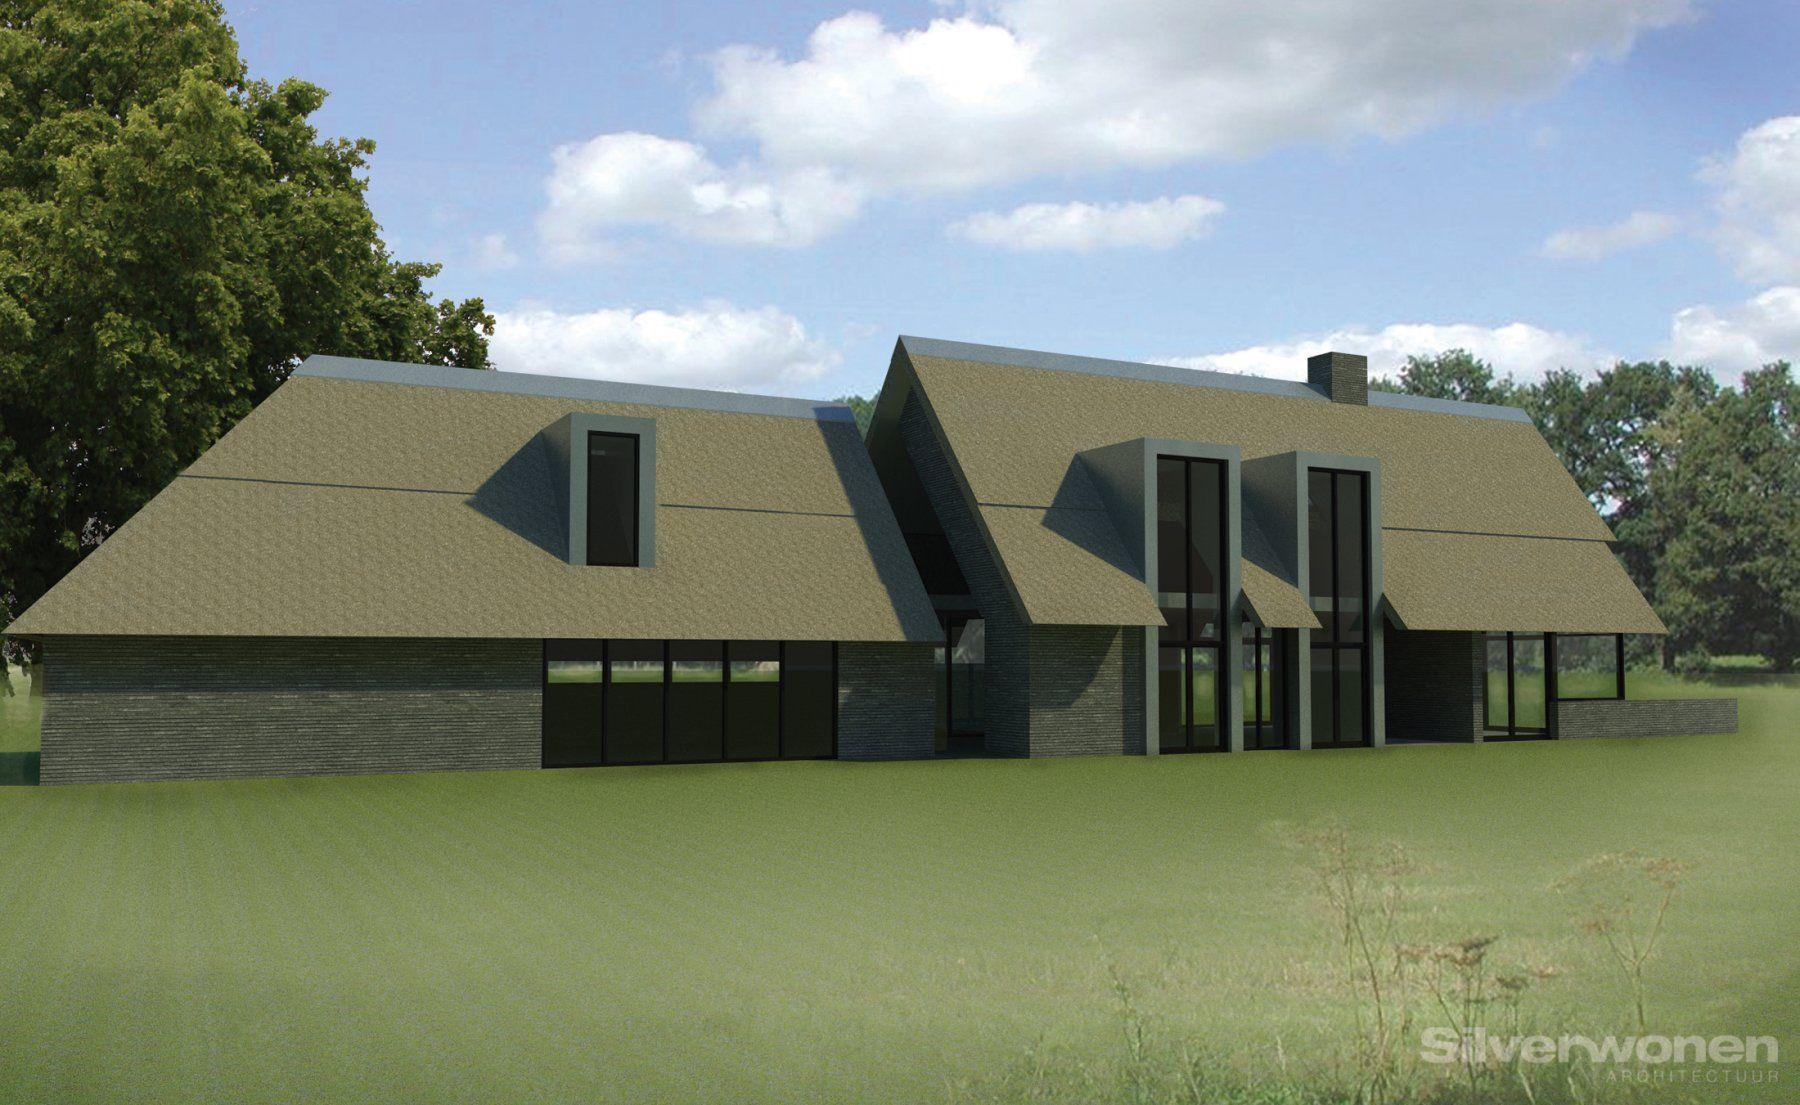 In het mooie Drentse landschap nabij Diever is dit eigentijdse ontwerp bedacht. Onmiskenbaar is de lengte van de villa. Het is deze lengte i.c.m. de rieten dakbedekking dat deze woning zeer eigen maakt.